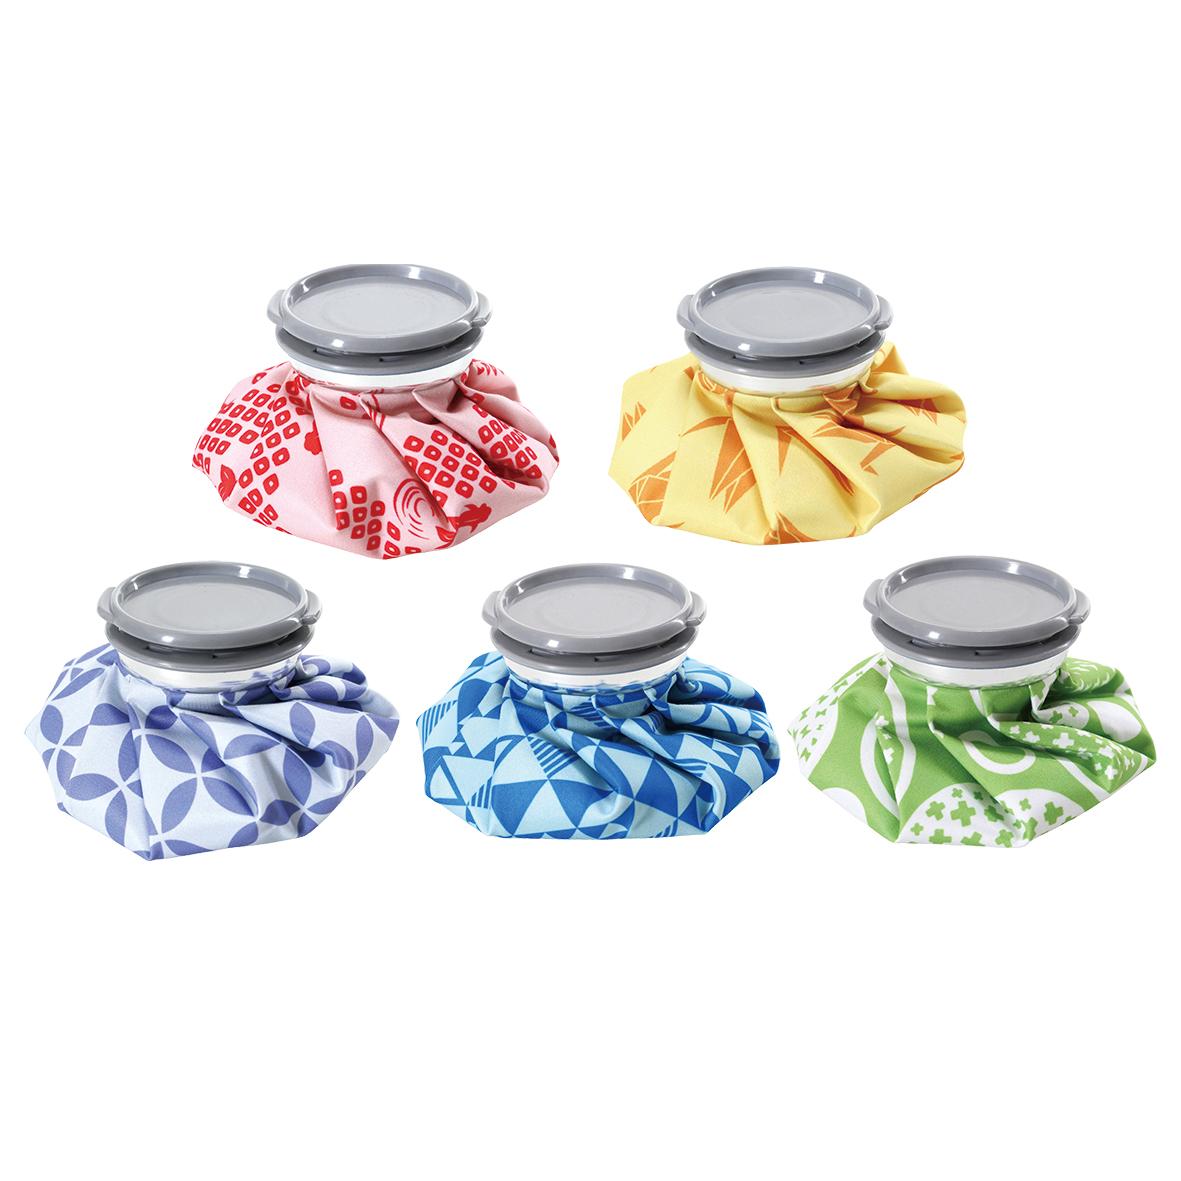 和柄ひょうのう 120個セット販売 色鮮やかな和柄が可愛い 冷温両用 温め・冷やしどちらも可能 アイスバッグ 氷嚢